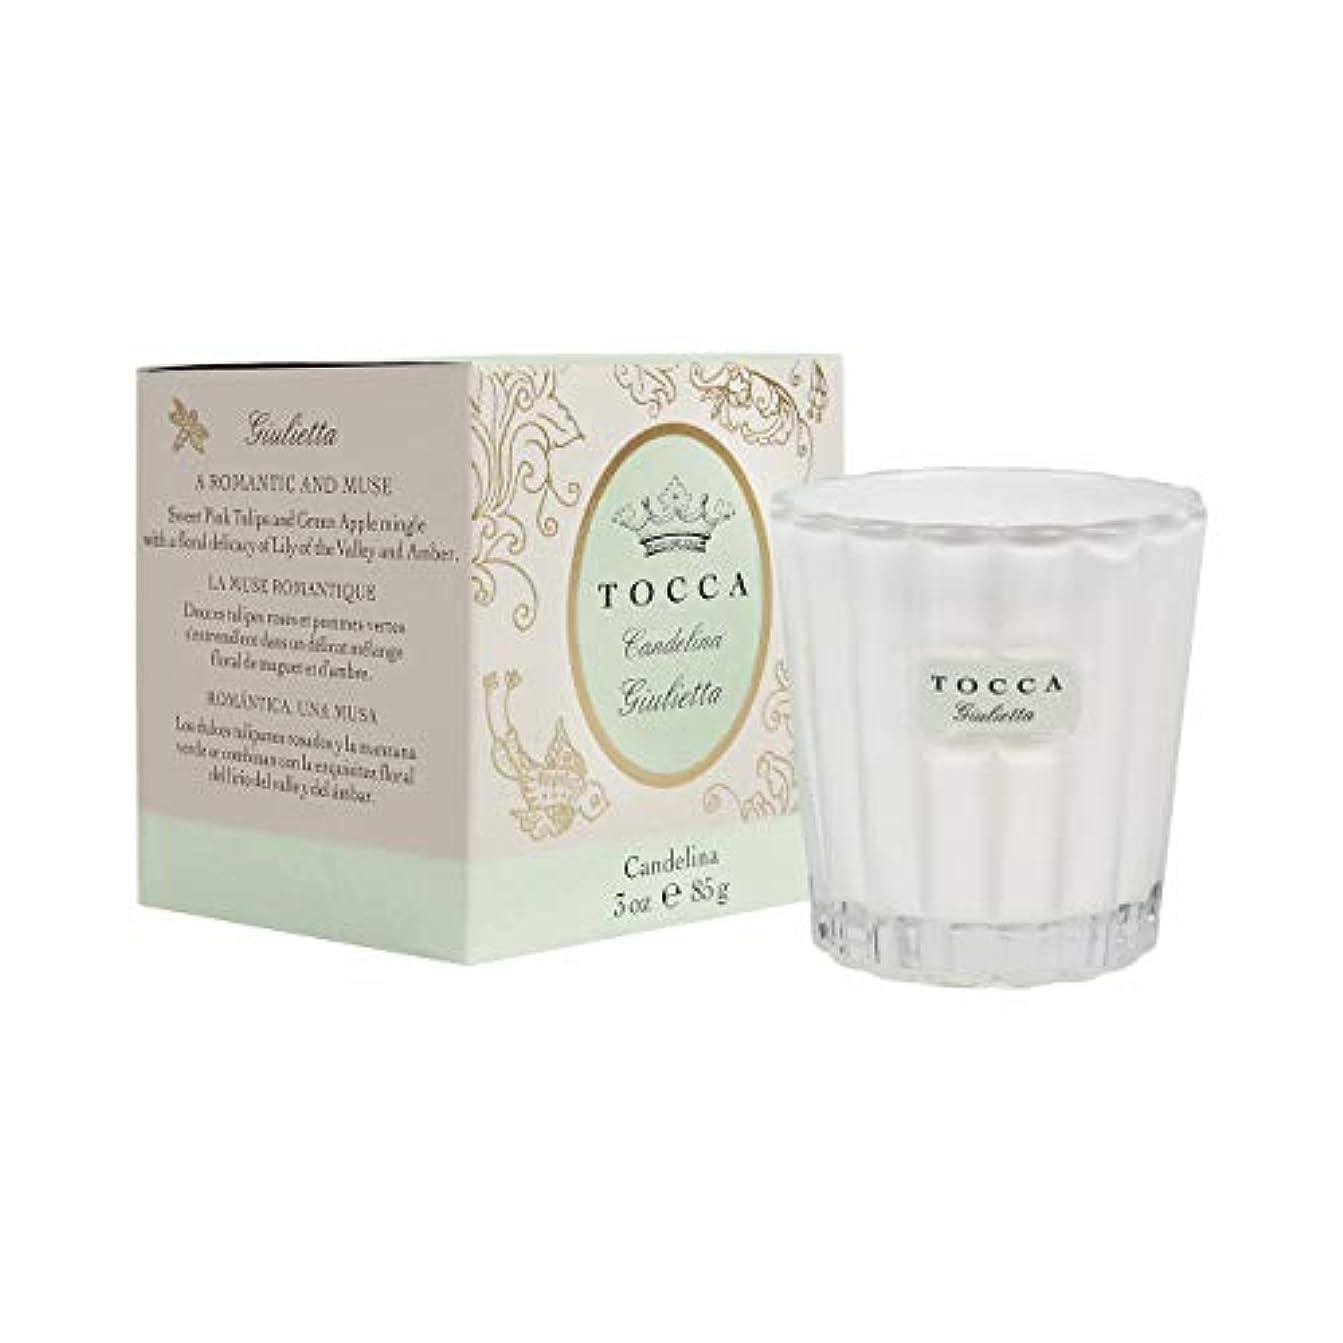 カイウス文真夜中トッカ(TOCCA) キャンデリーナ ジュリエッタの香り 約85g (キャンドル ろうそく 爽やかで甘い香り)